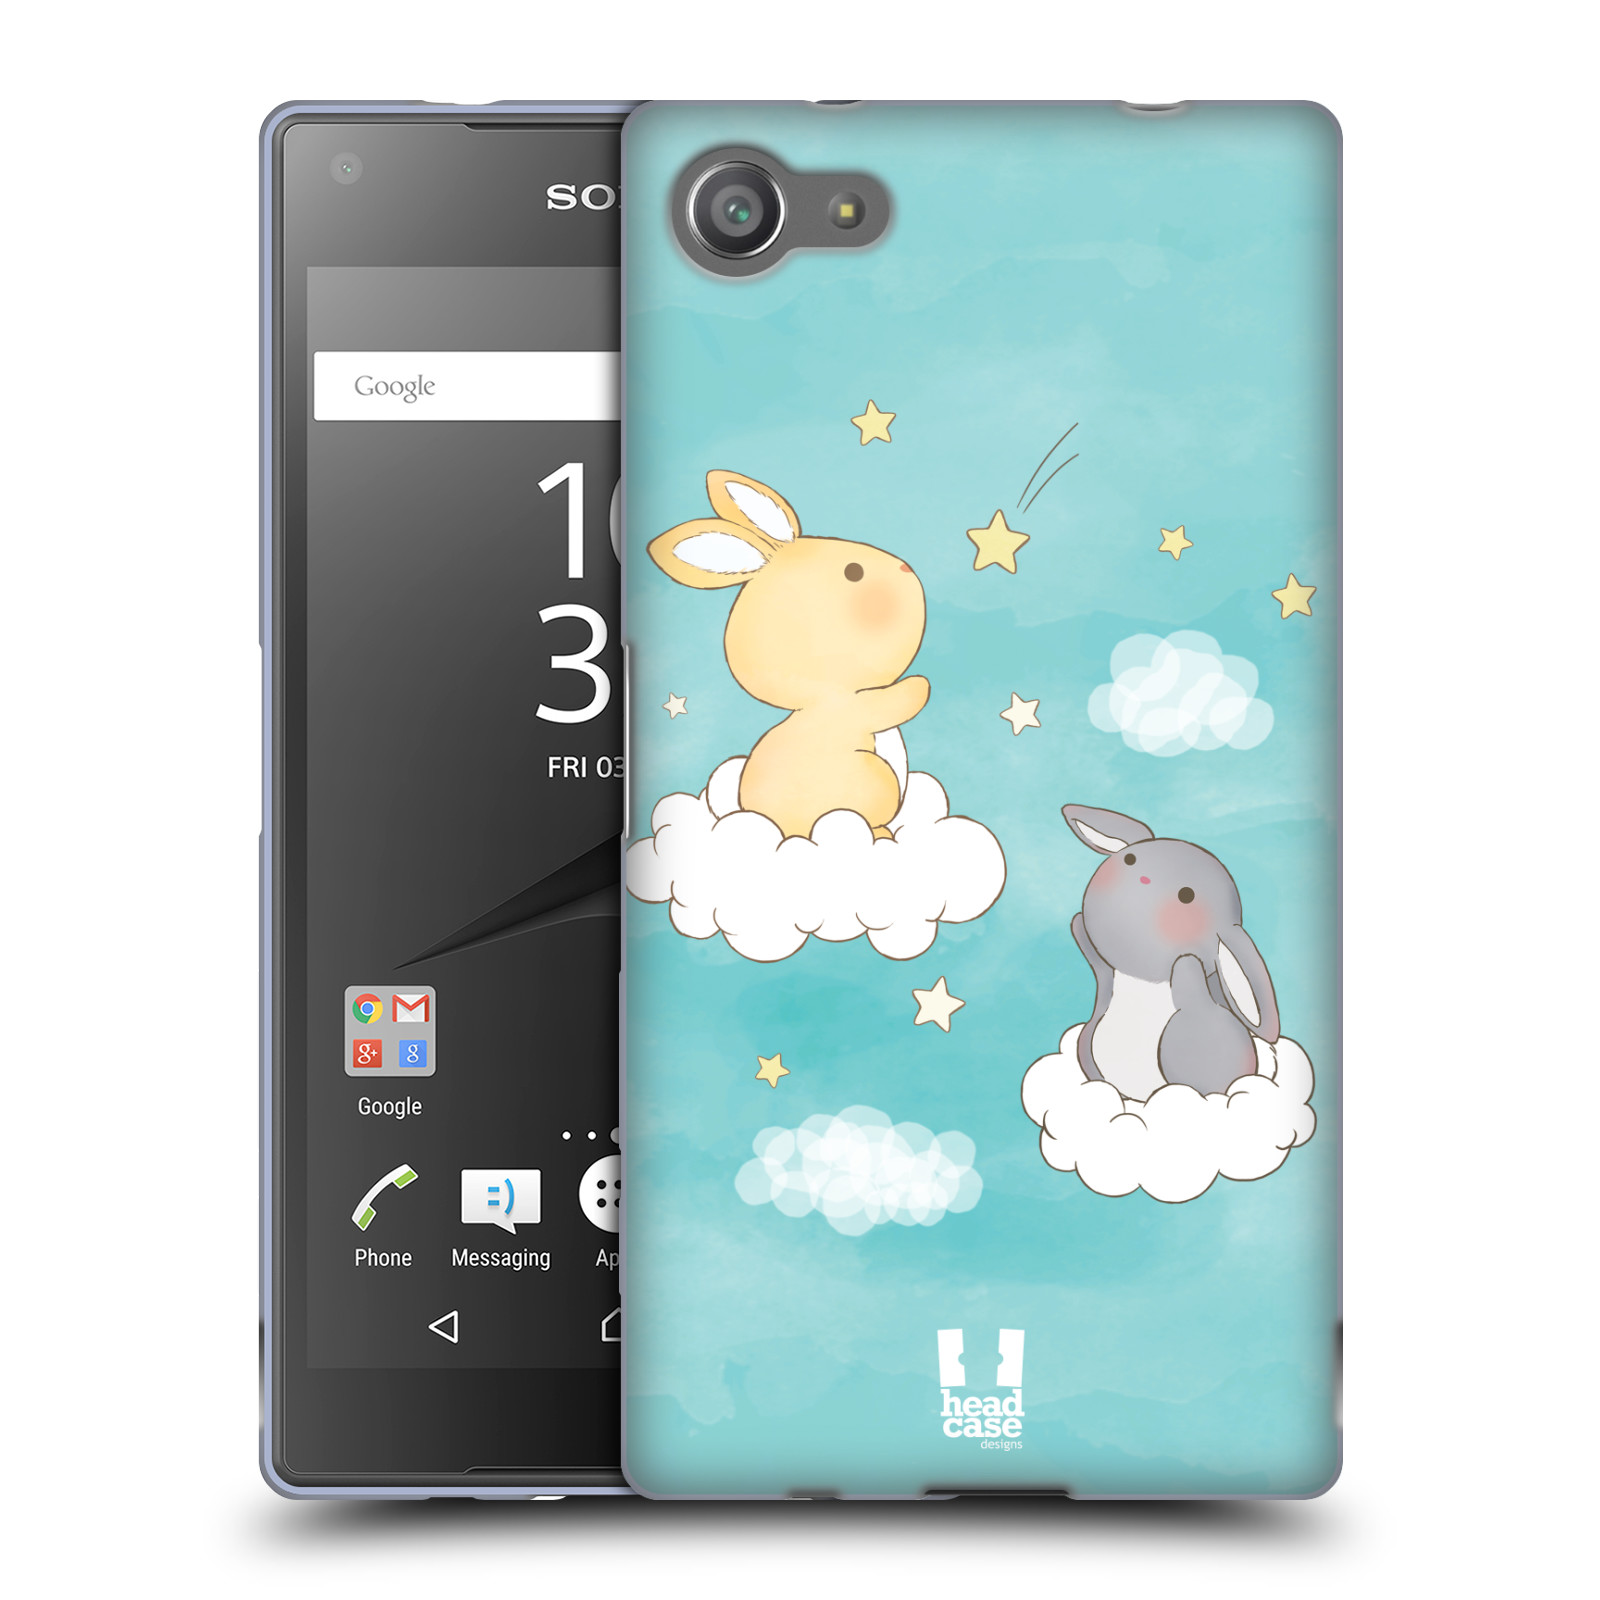 HEAD CASE silikonový obal na mobil Sony Xperia Z5 COMPACT vzor králíček a hvězdy modrá